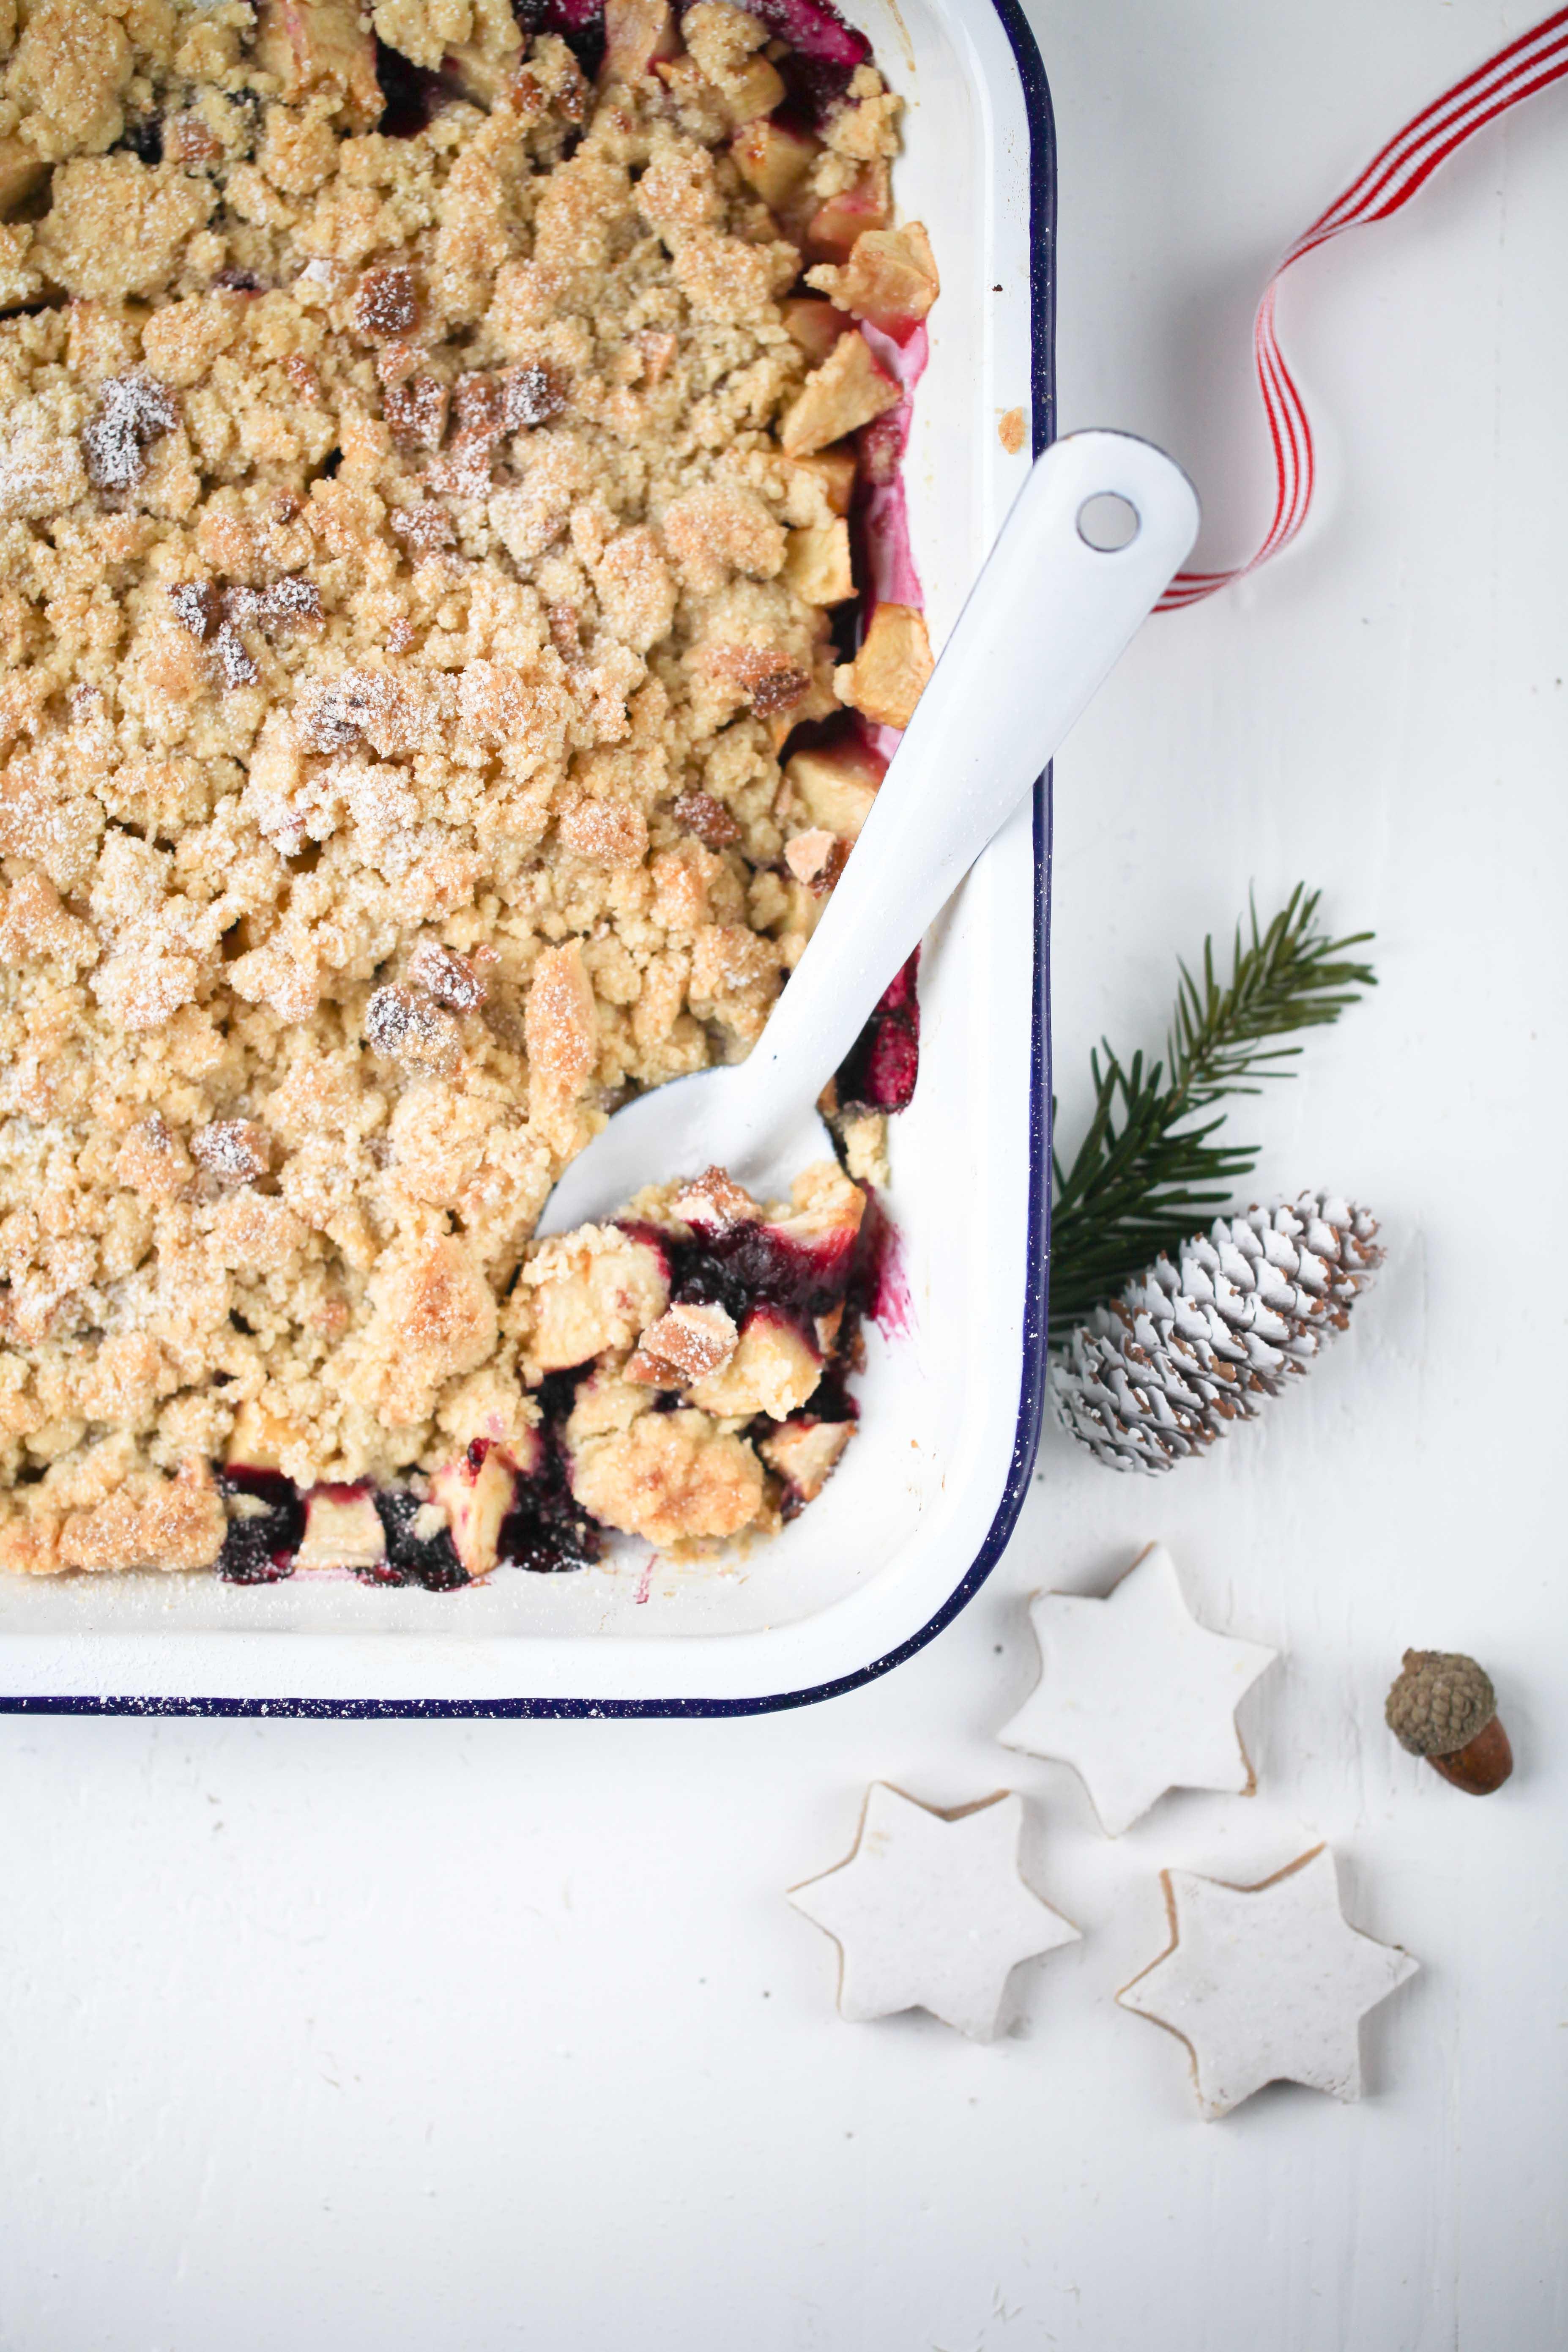 Rezept Apple Crumble mit Zimtstern Streuseln Apple Crisp Recipe Weihnachtsdessert Weihnachtsfrühstück Apfelrezept Apfelcrumble Zuckerzimtundliebe best crumble recipe